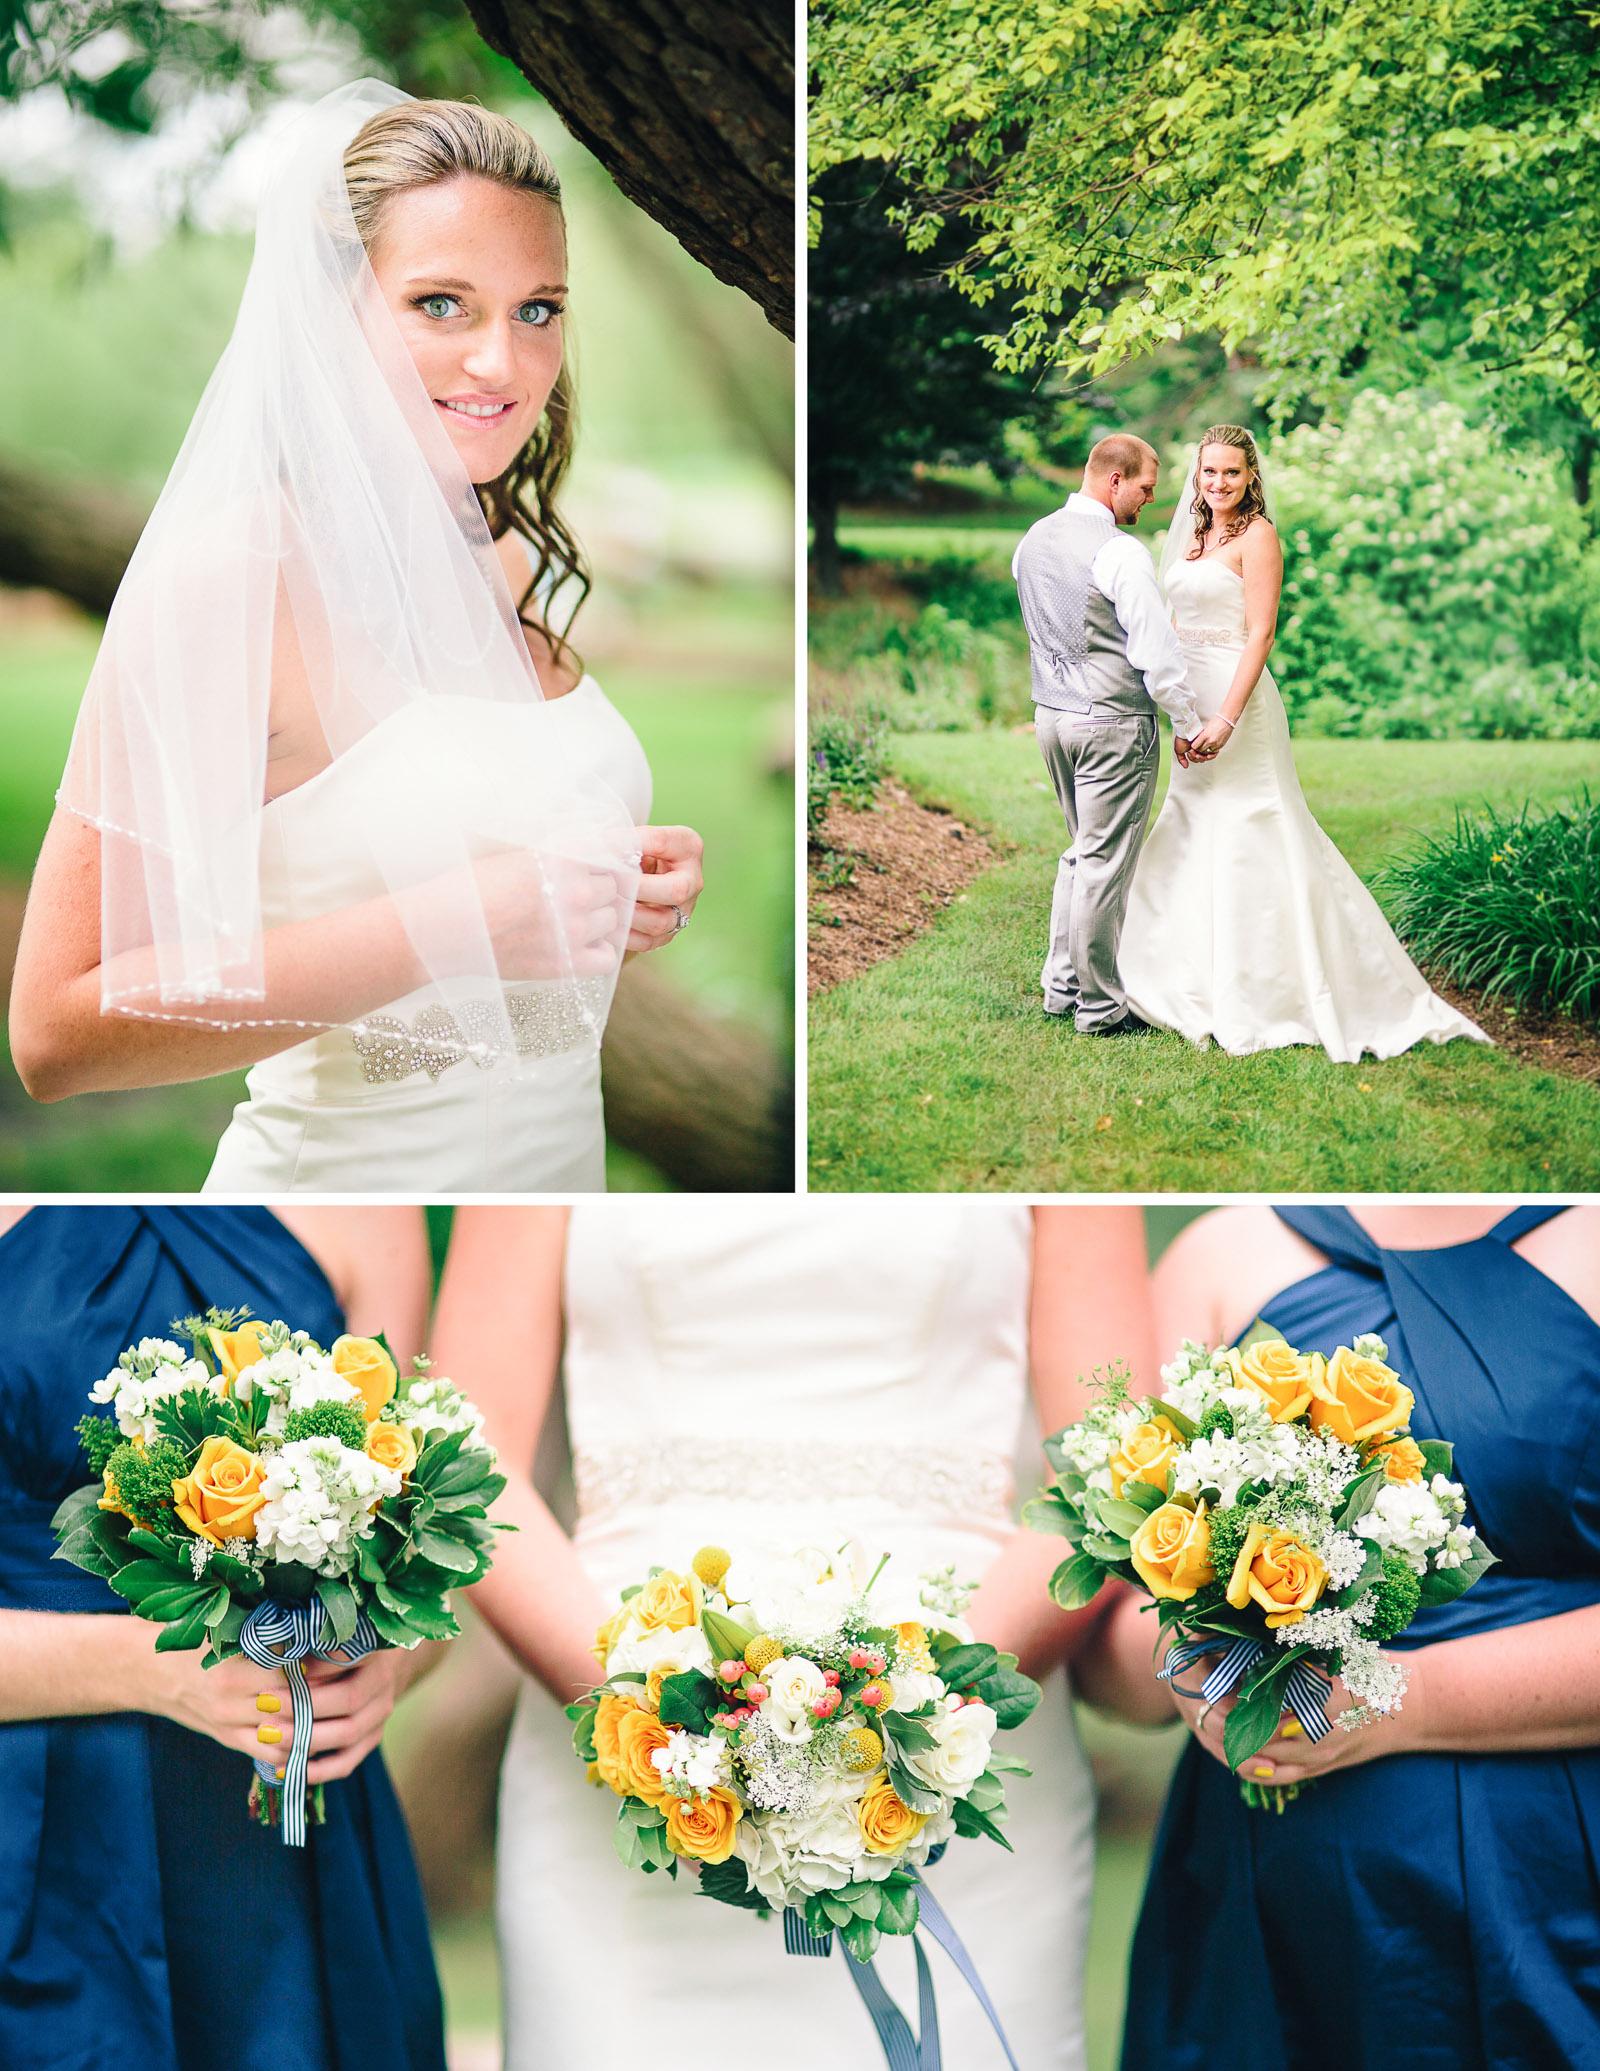 Chicago_Fine_Art_Wedding_Photography_steve.jpg